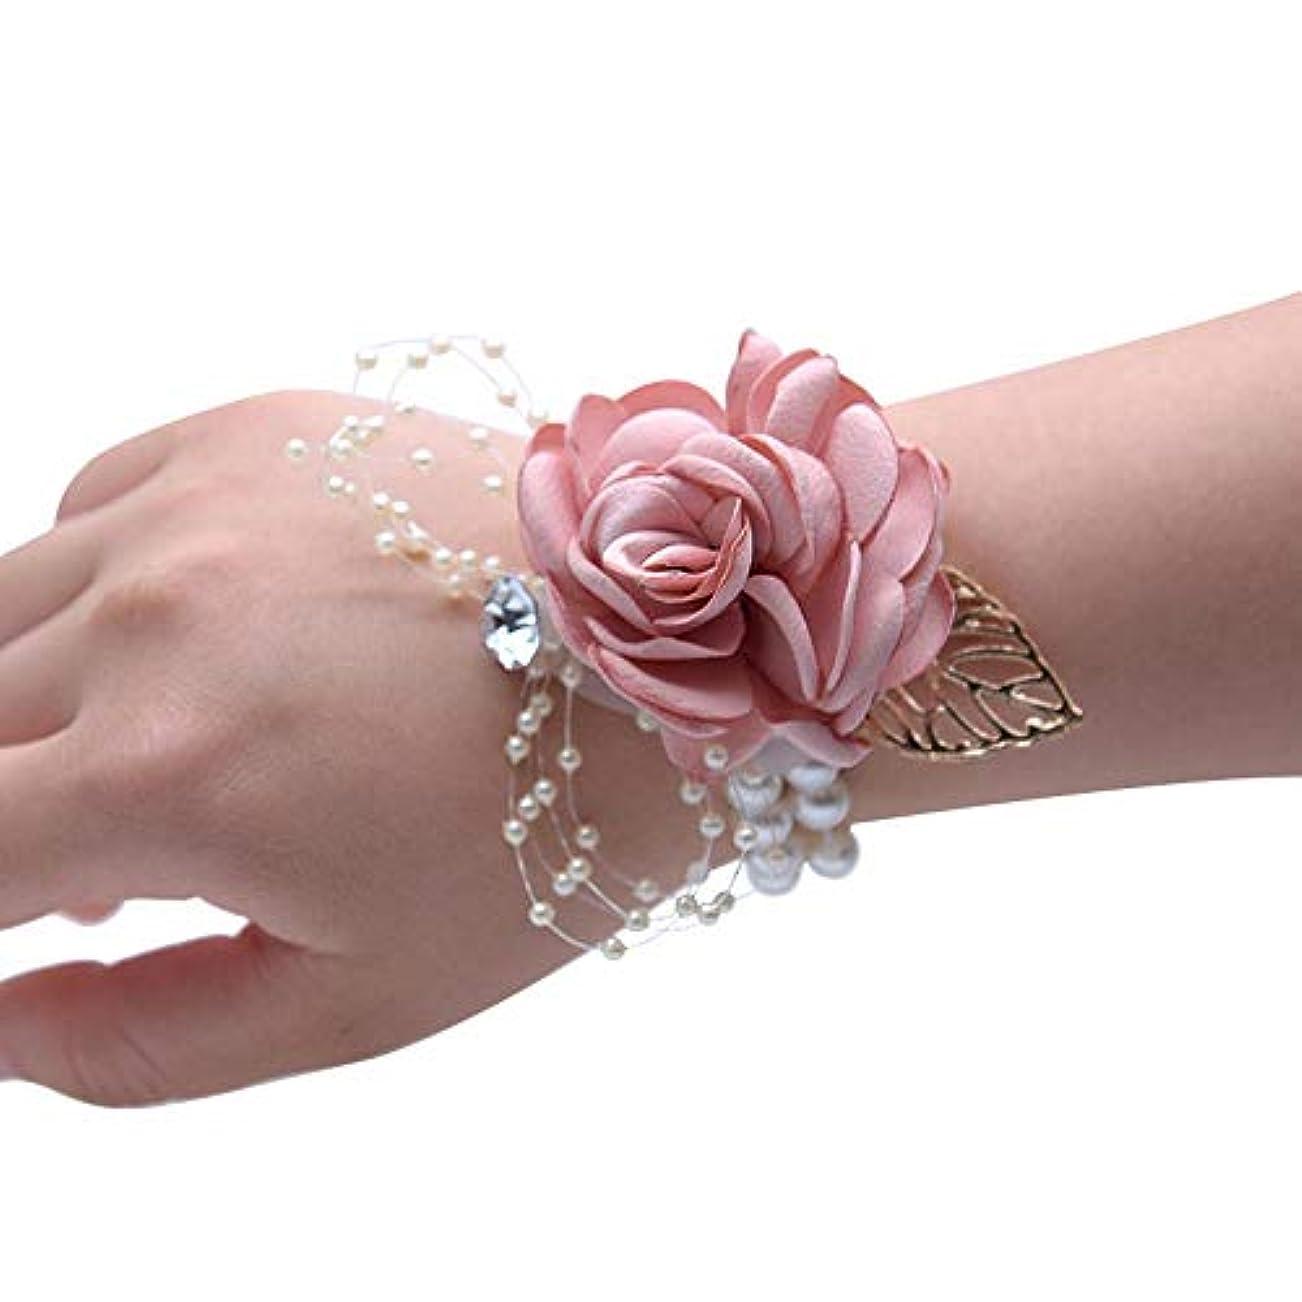 注意アベニューママMerssavo 手首の花 - 女の子チャーム手首コサージュブレスレット花嫁介添人姉妹の手の花のどの真珠の結婚式、ピンク